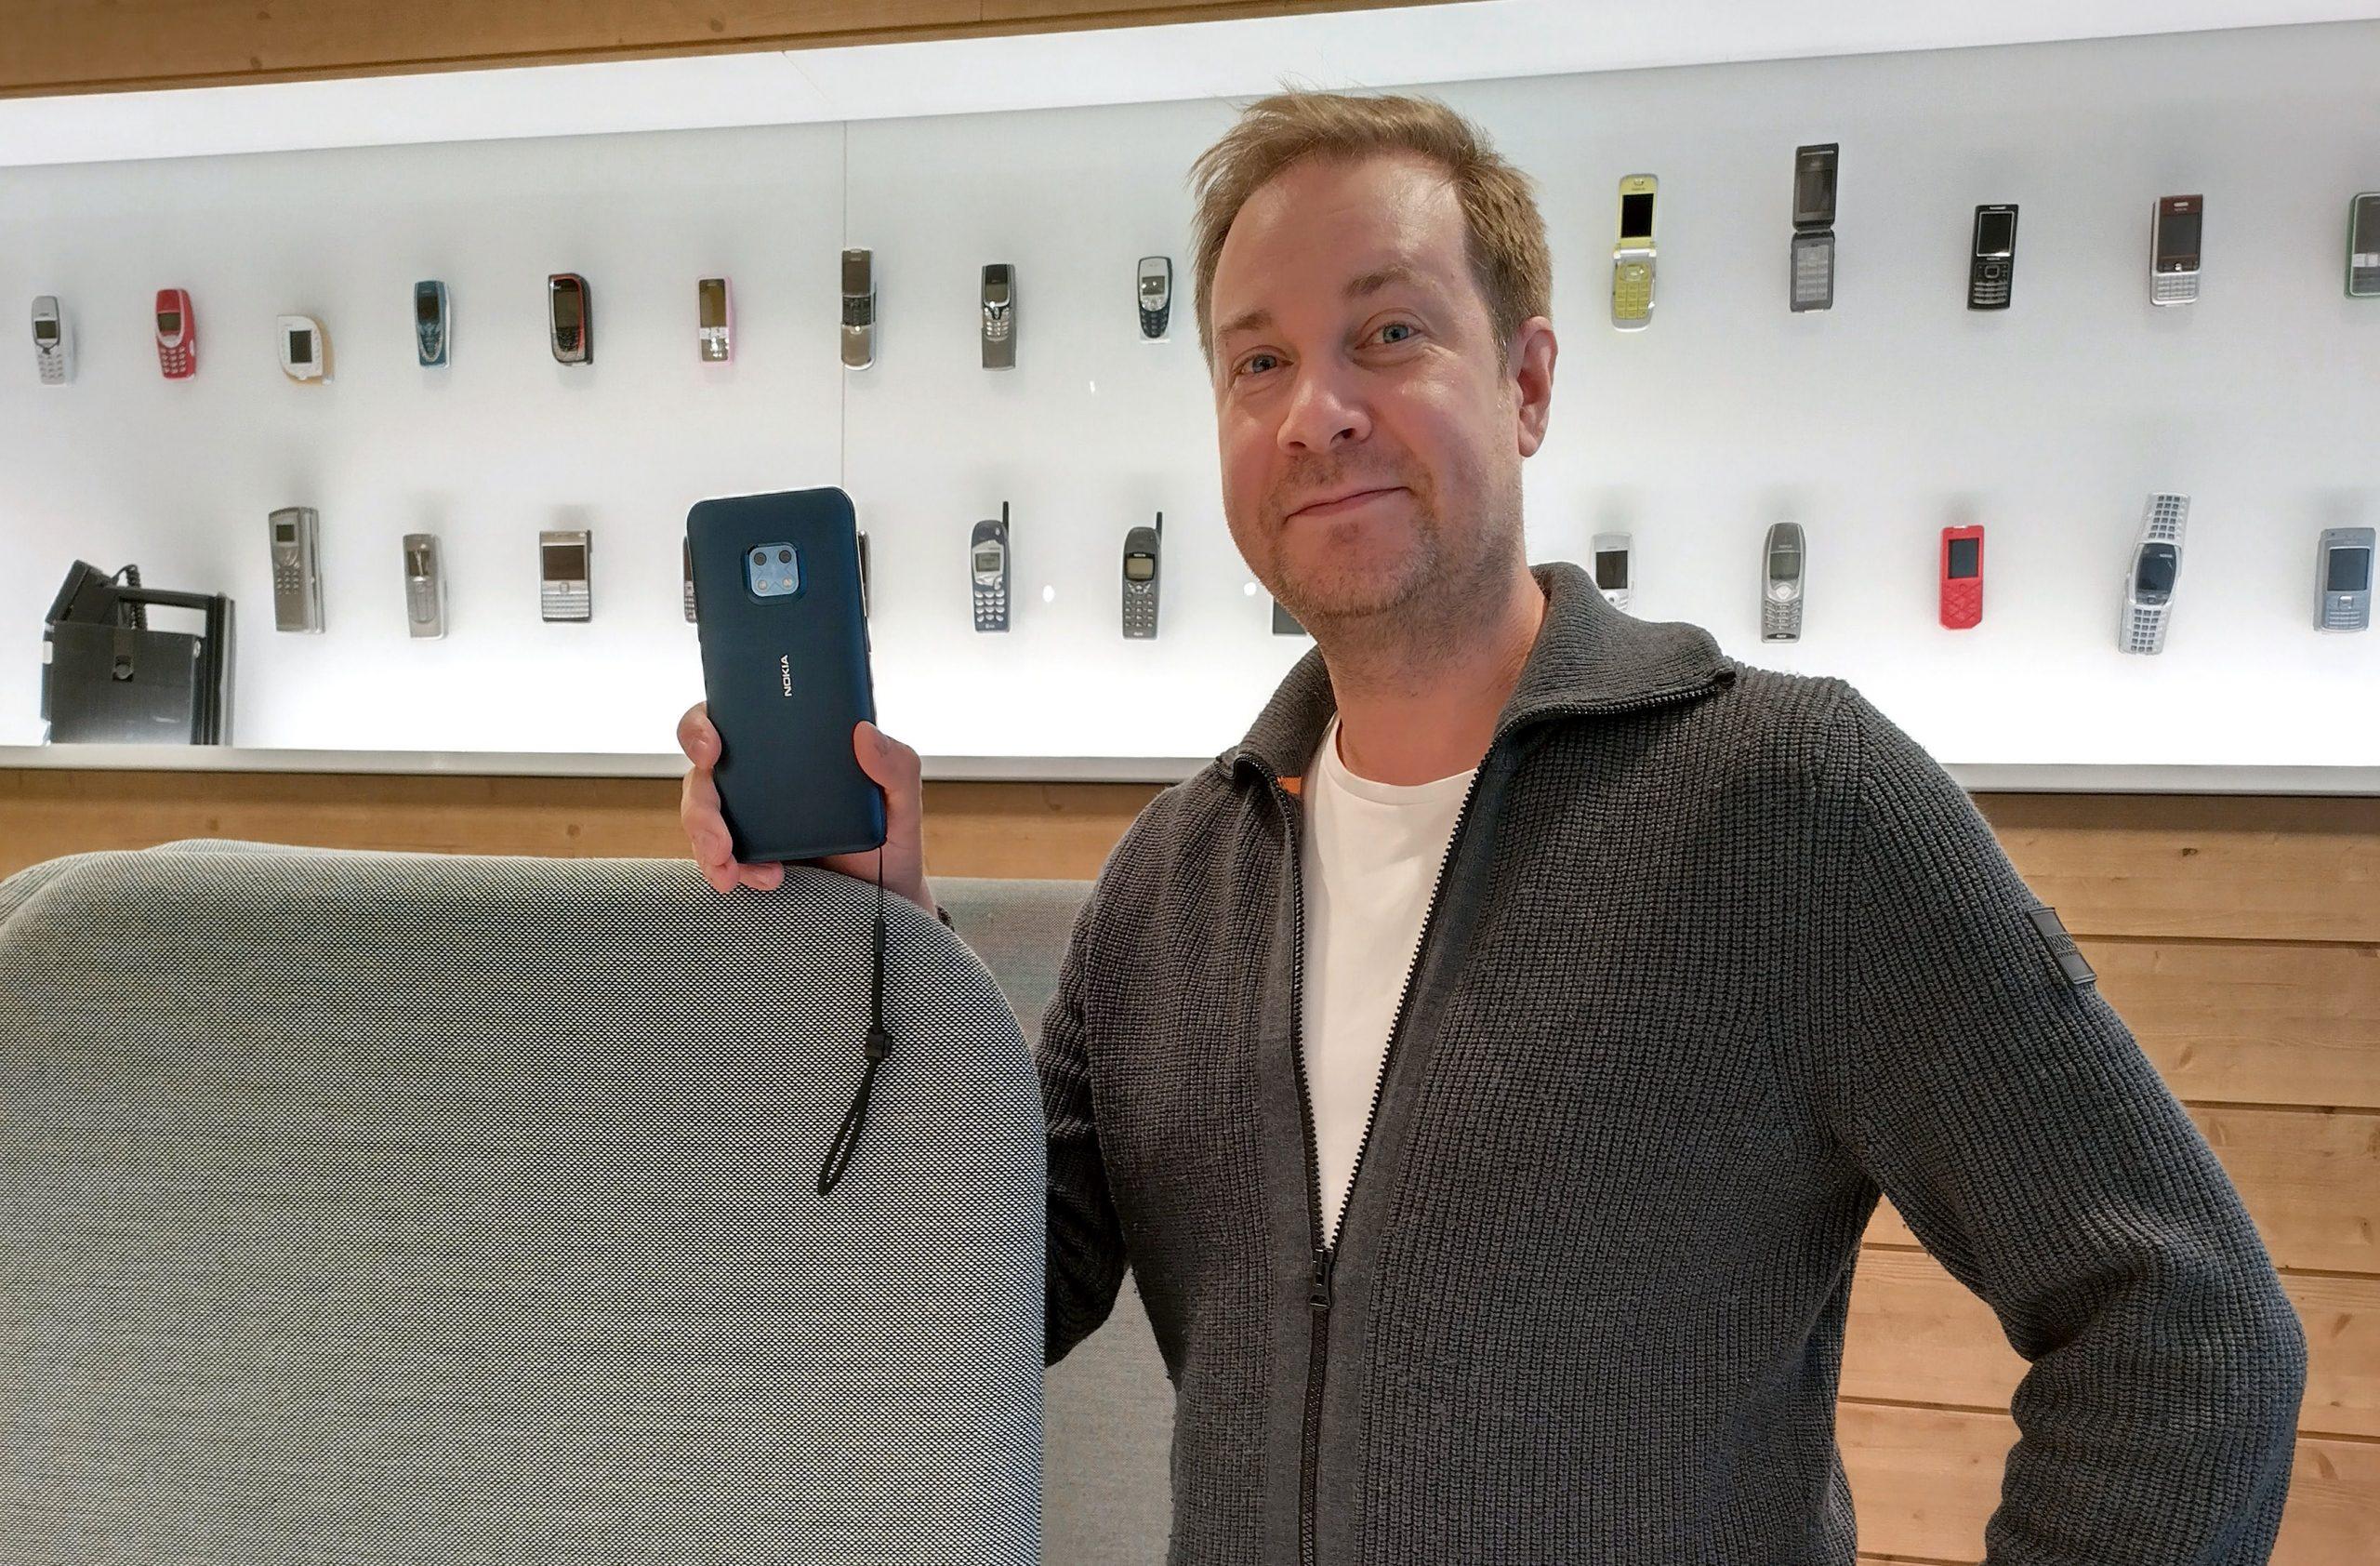 Nokia-puhelinten suunnittelijana toimiva Miika Mahonen kädessään Nokia XR20 -puhelin.